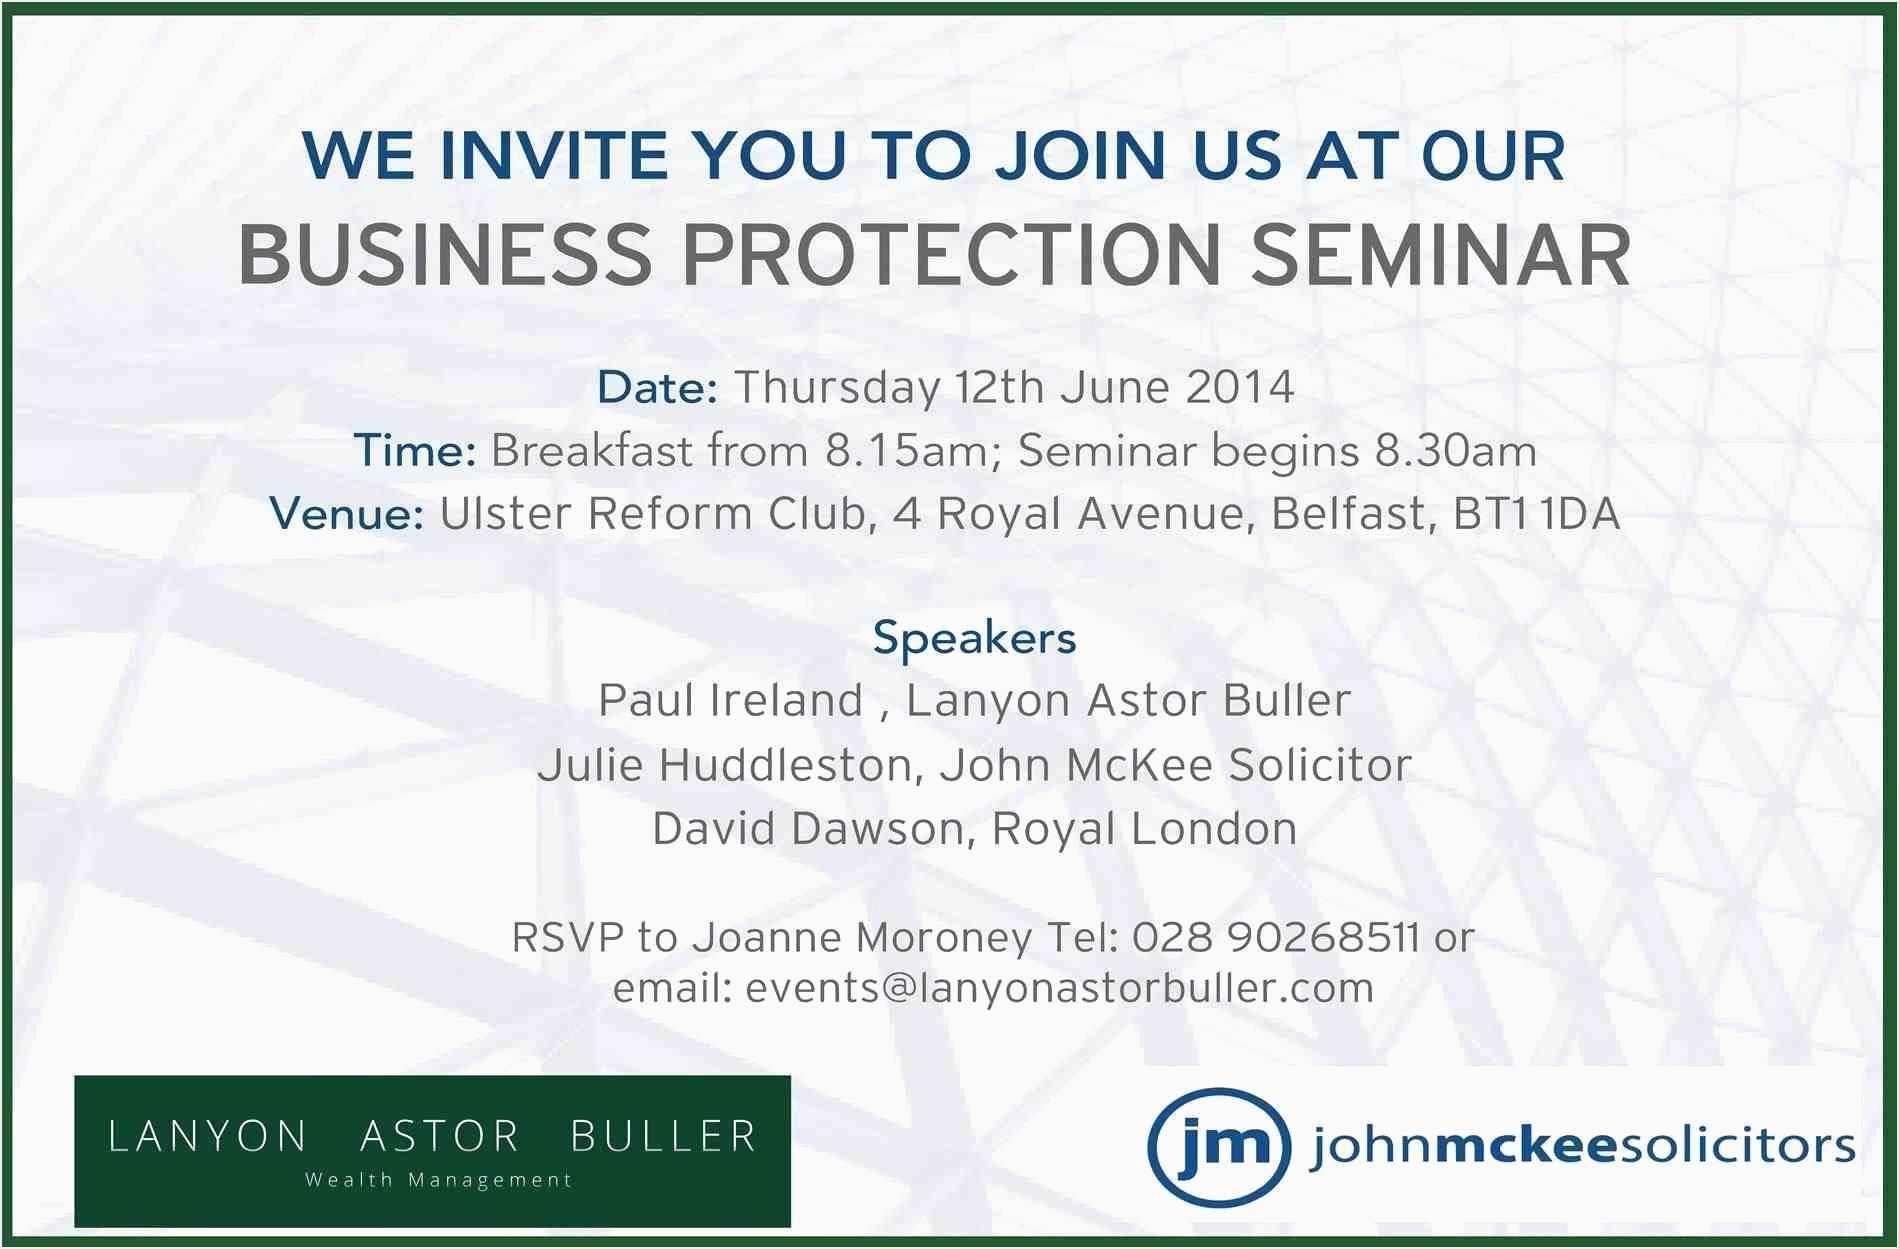 Corporate Seminar Invitation Templates